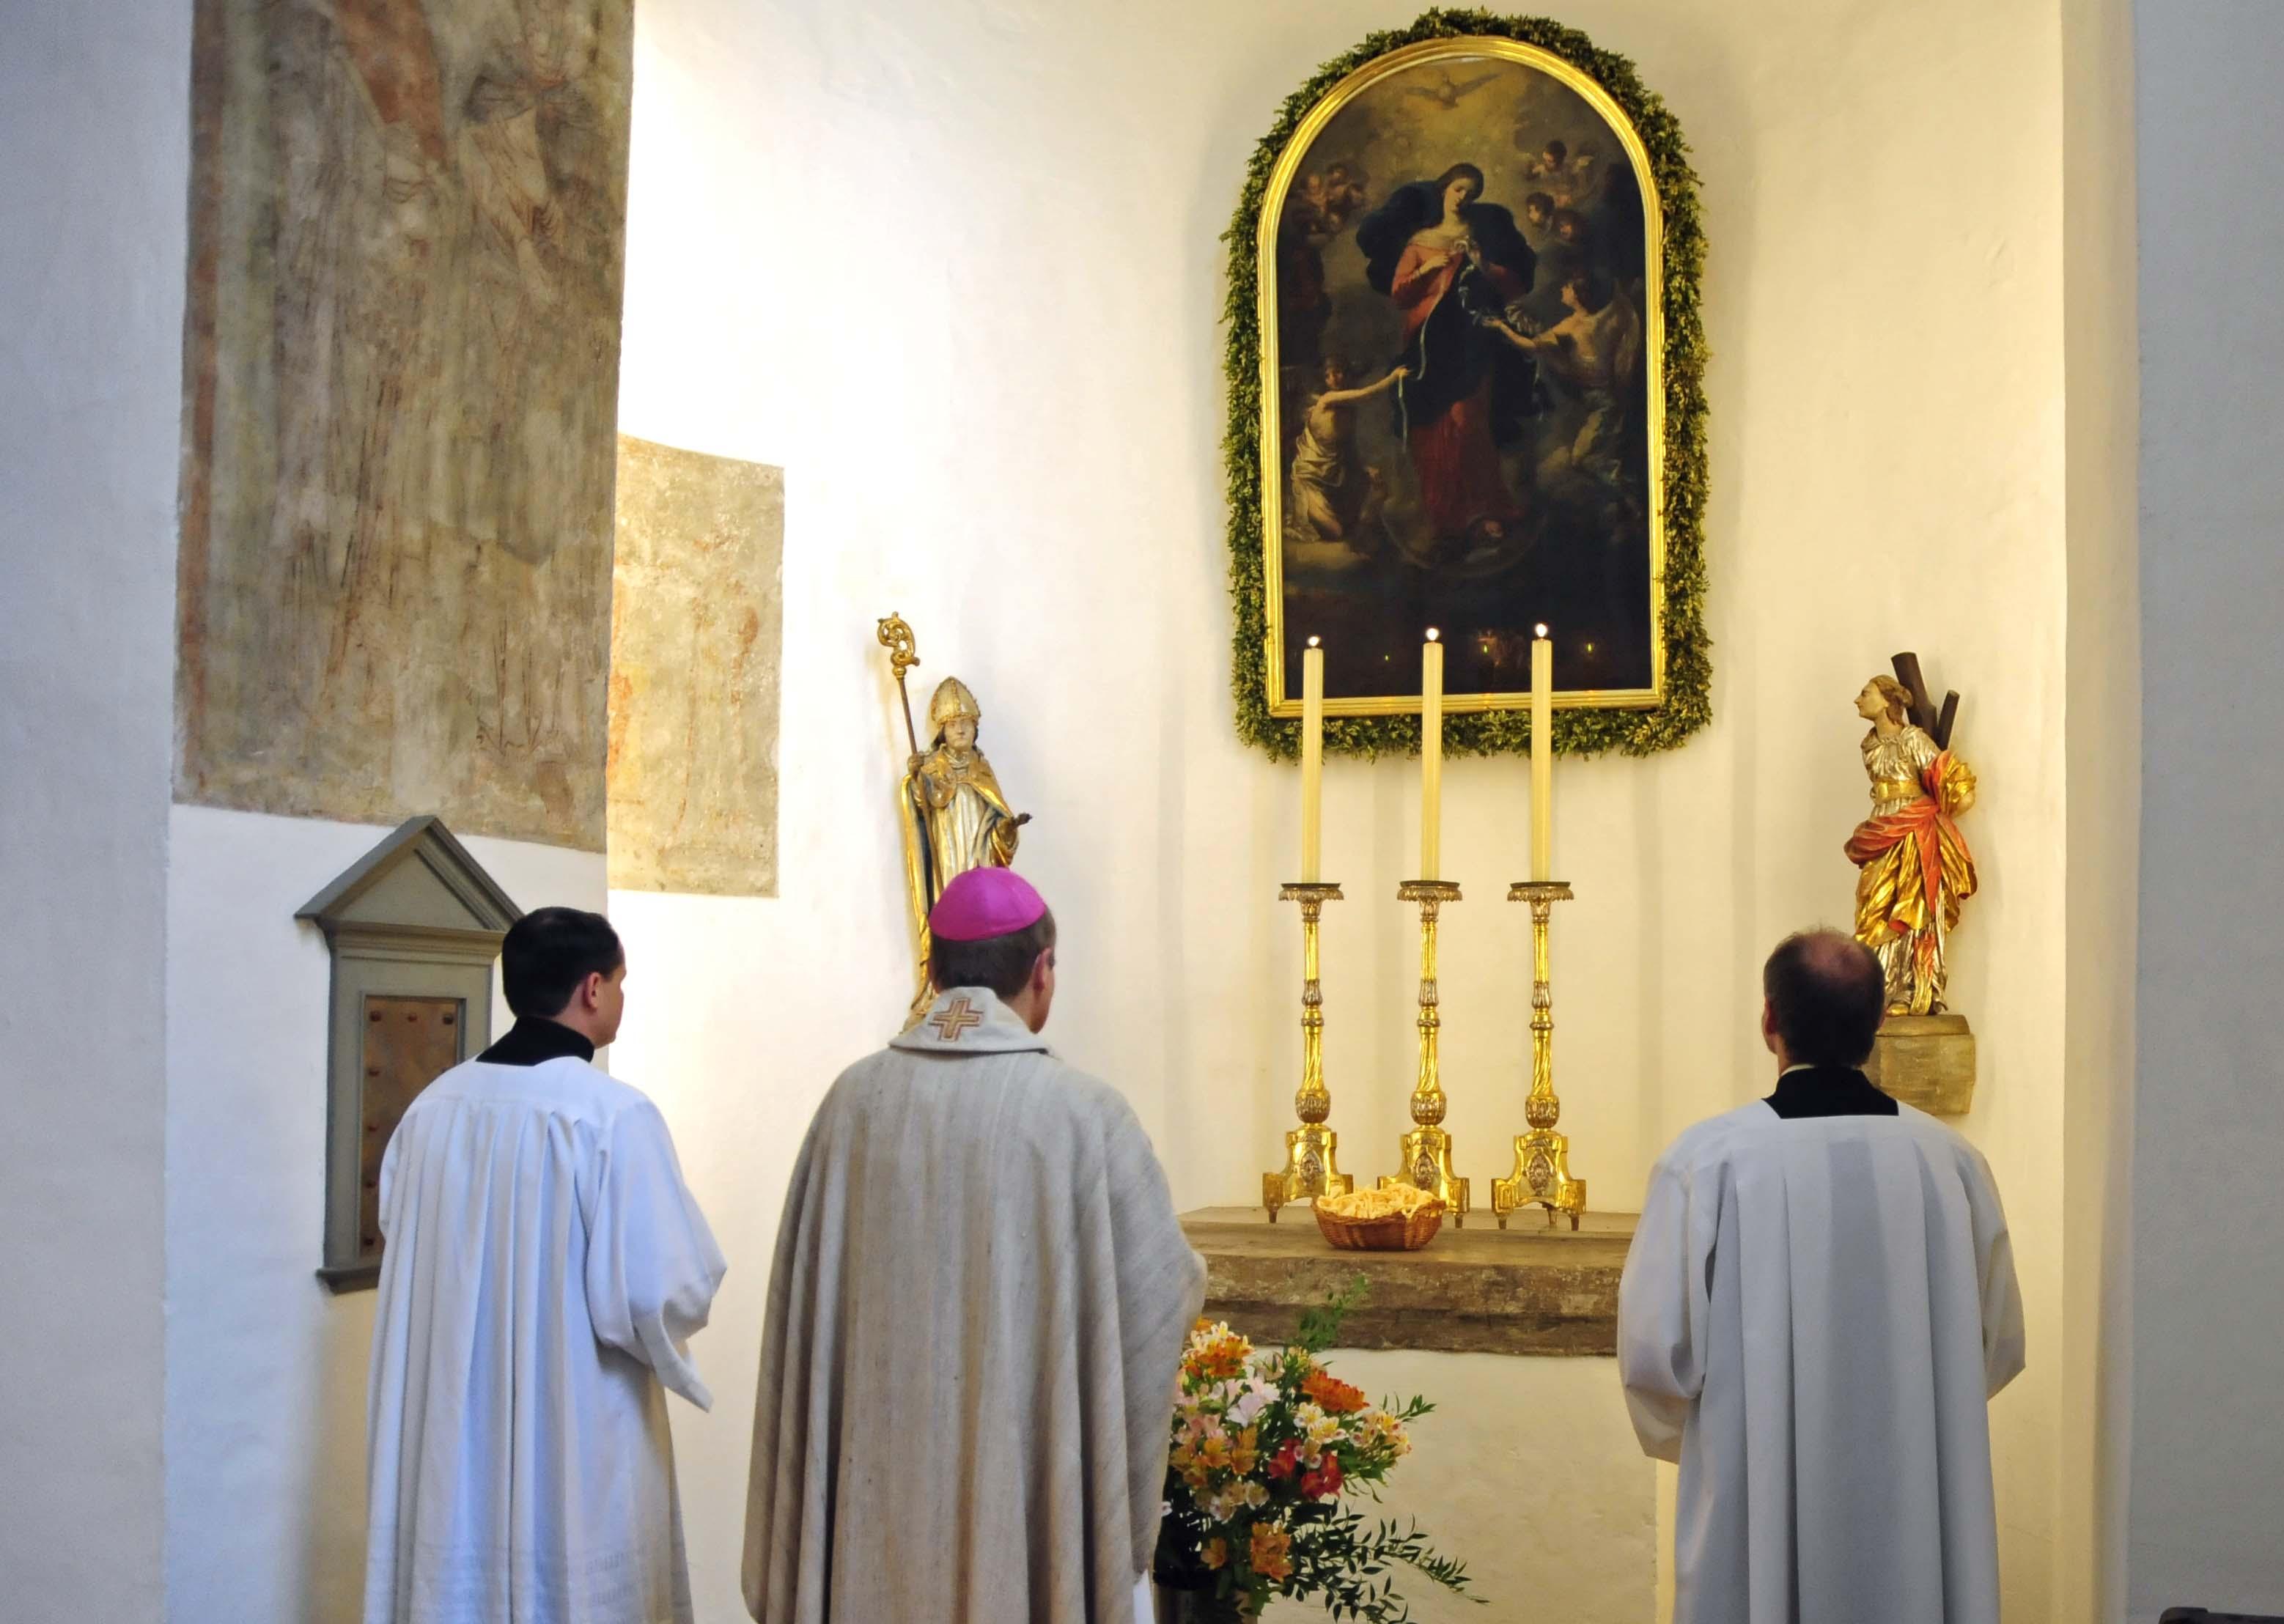 Weihbischof Florian Wörner stellte den Korb mit dem 36 Meter langen Band vor das Wallfahrtsbild Maria Knotenlöserin (pba/Nicolas Schnall).